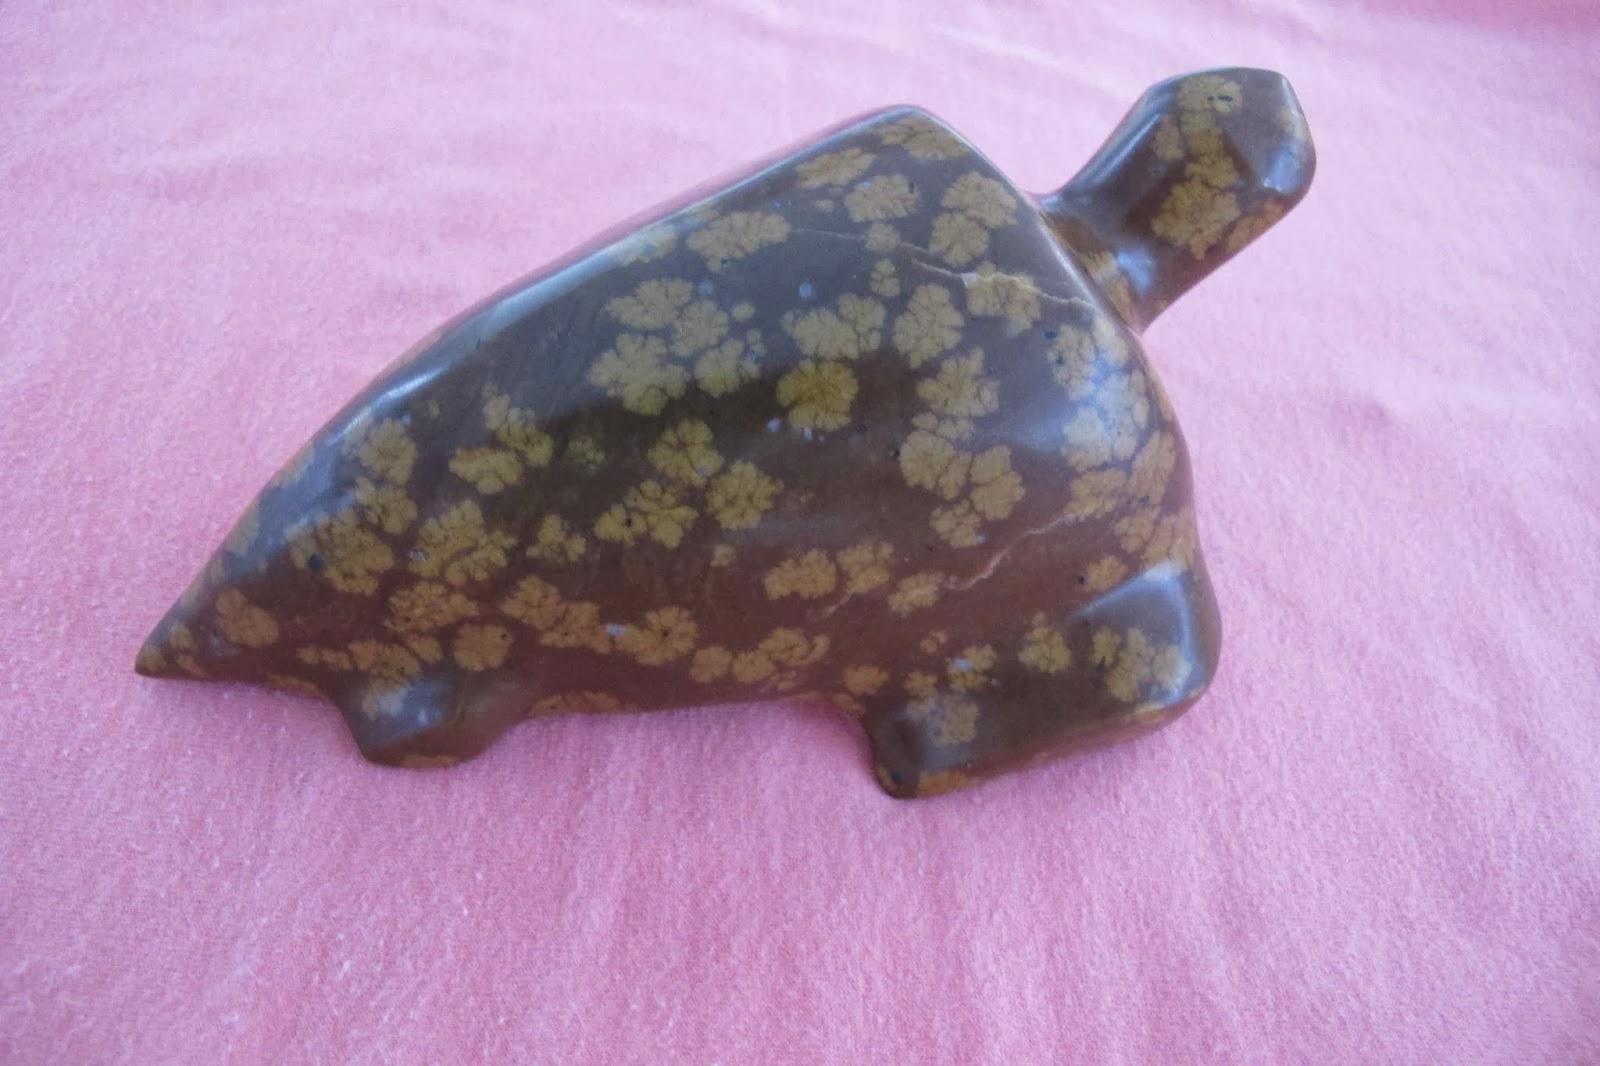 Exemple de produits conçus avec une pierre fleurie, une tortue. Photo : le blog de l'océanien